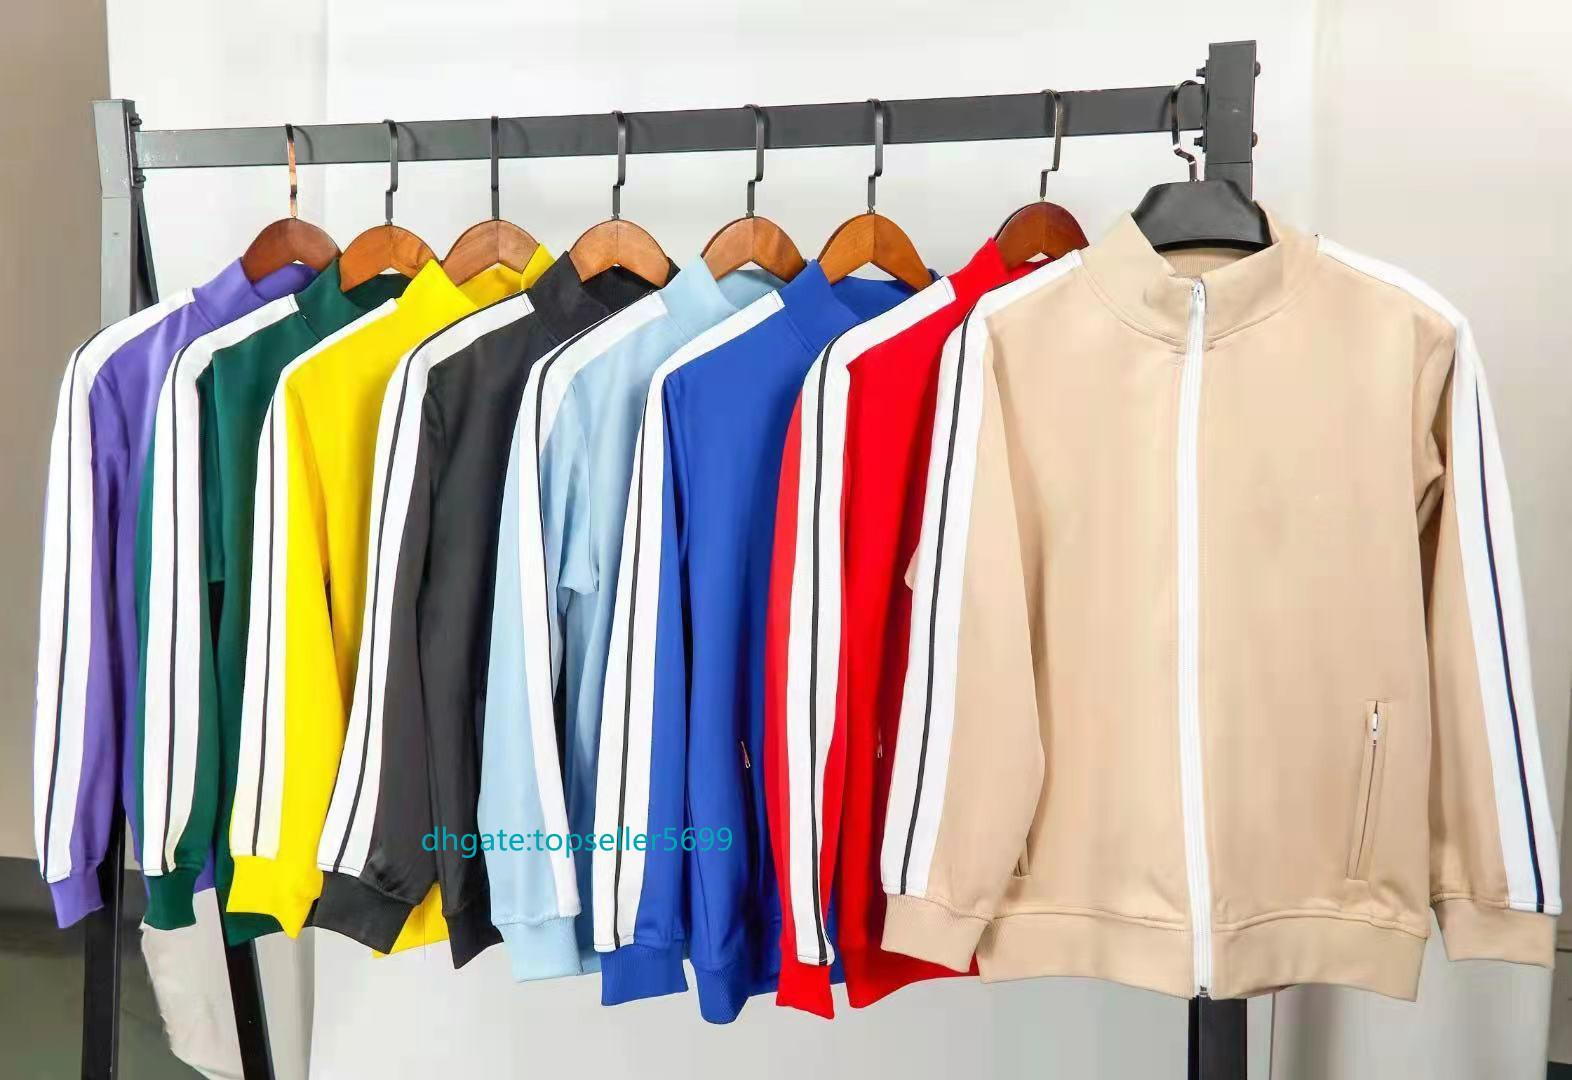 디자이너 스포츠웨어 망 여성 트랙스 스웨터 정장 옷 남성 트랙 스웨트 슈트 코트 남자 디자이너 자켓 후드 바지 스웨터